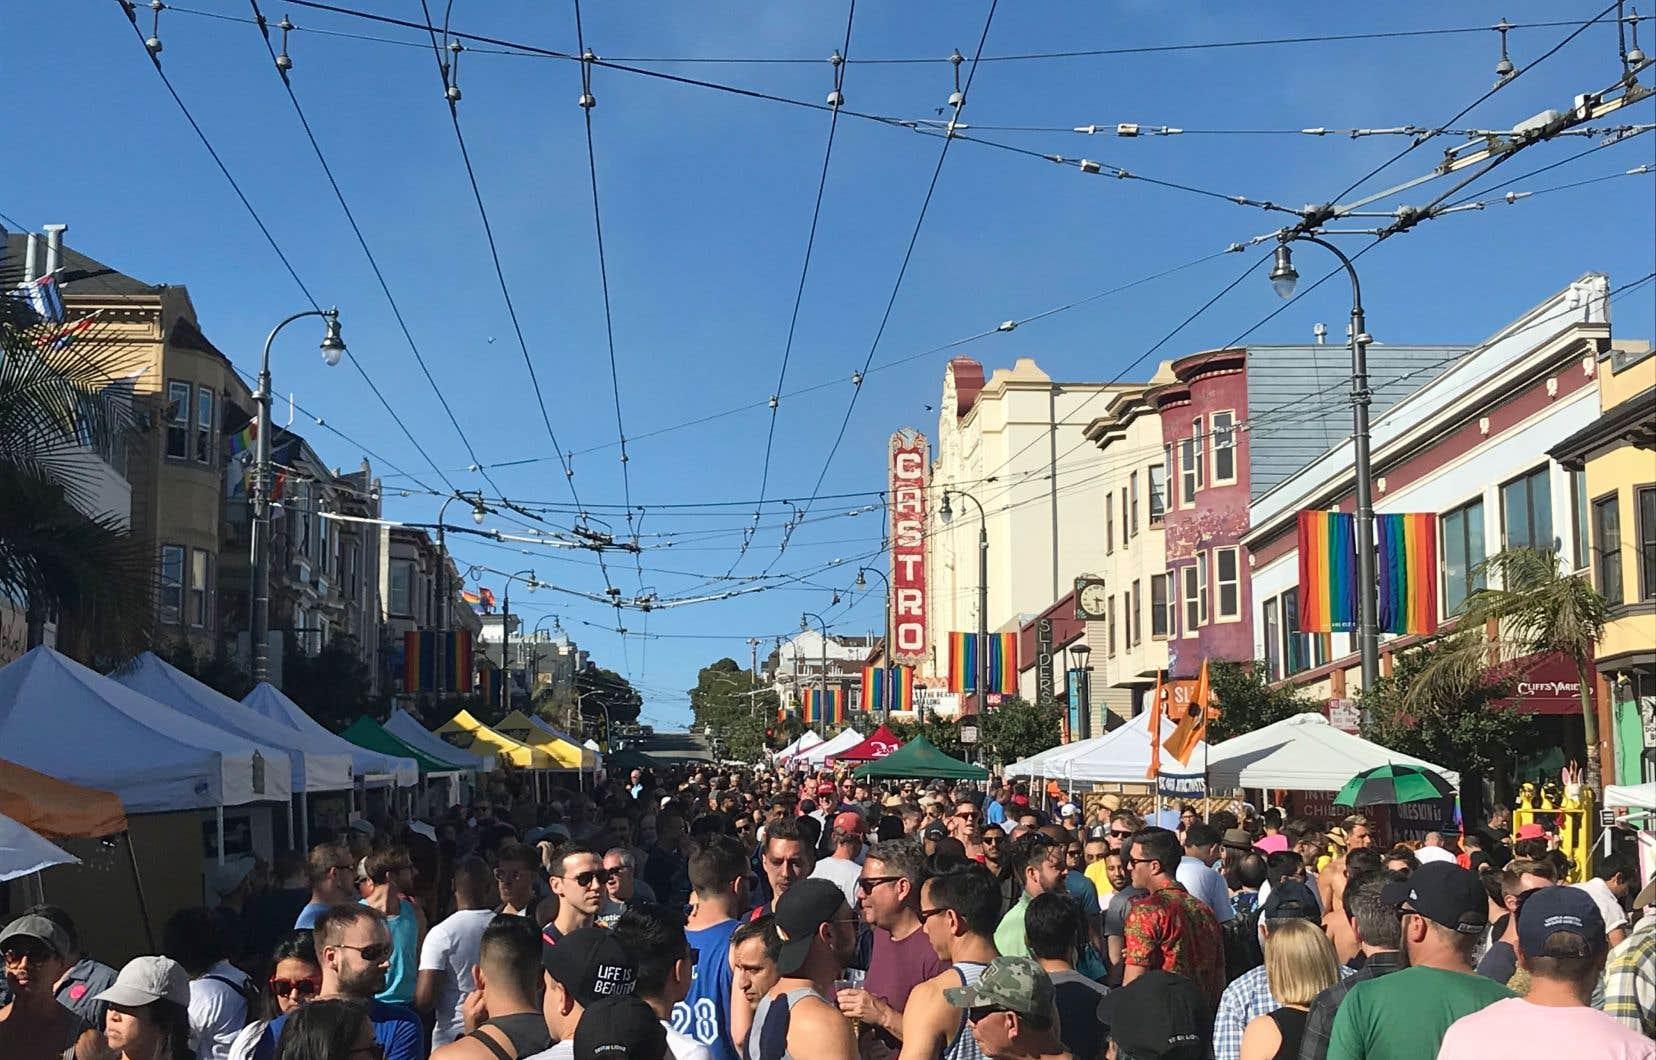 Dans Castro, épicentre gai d'une ville qui l'est plus que toute autre au monde, c'est la fête sous un soleil pétant de rayons UV.